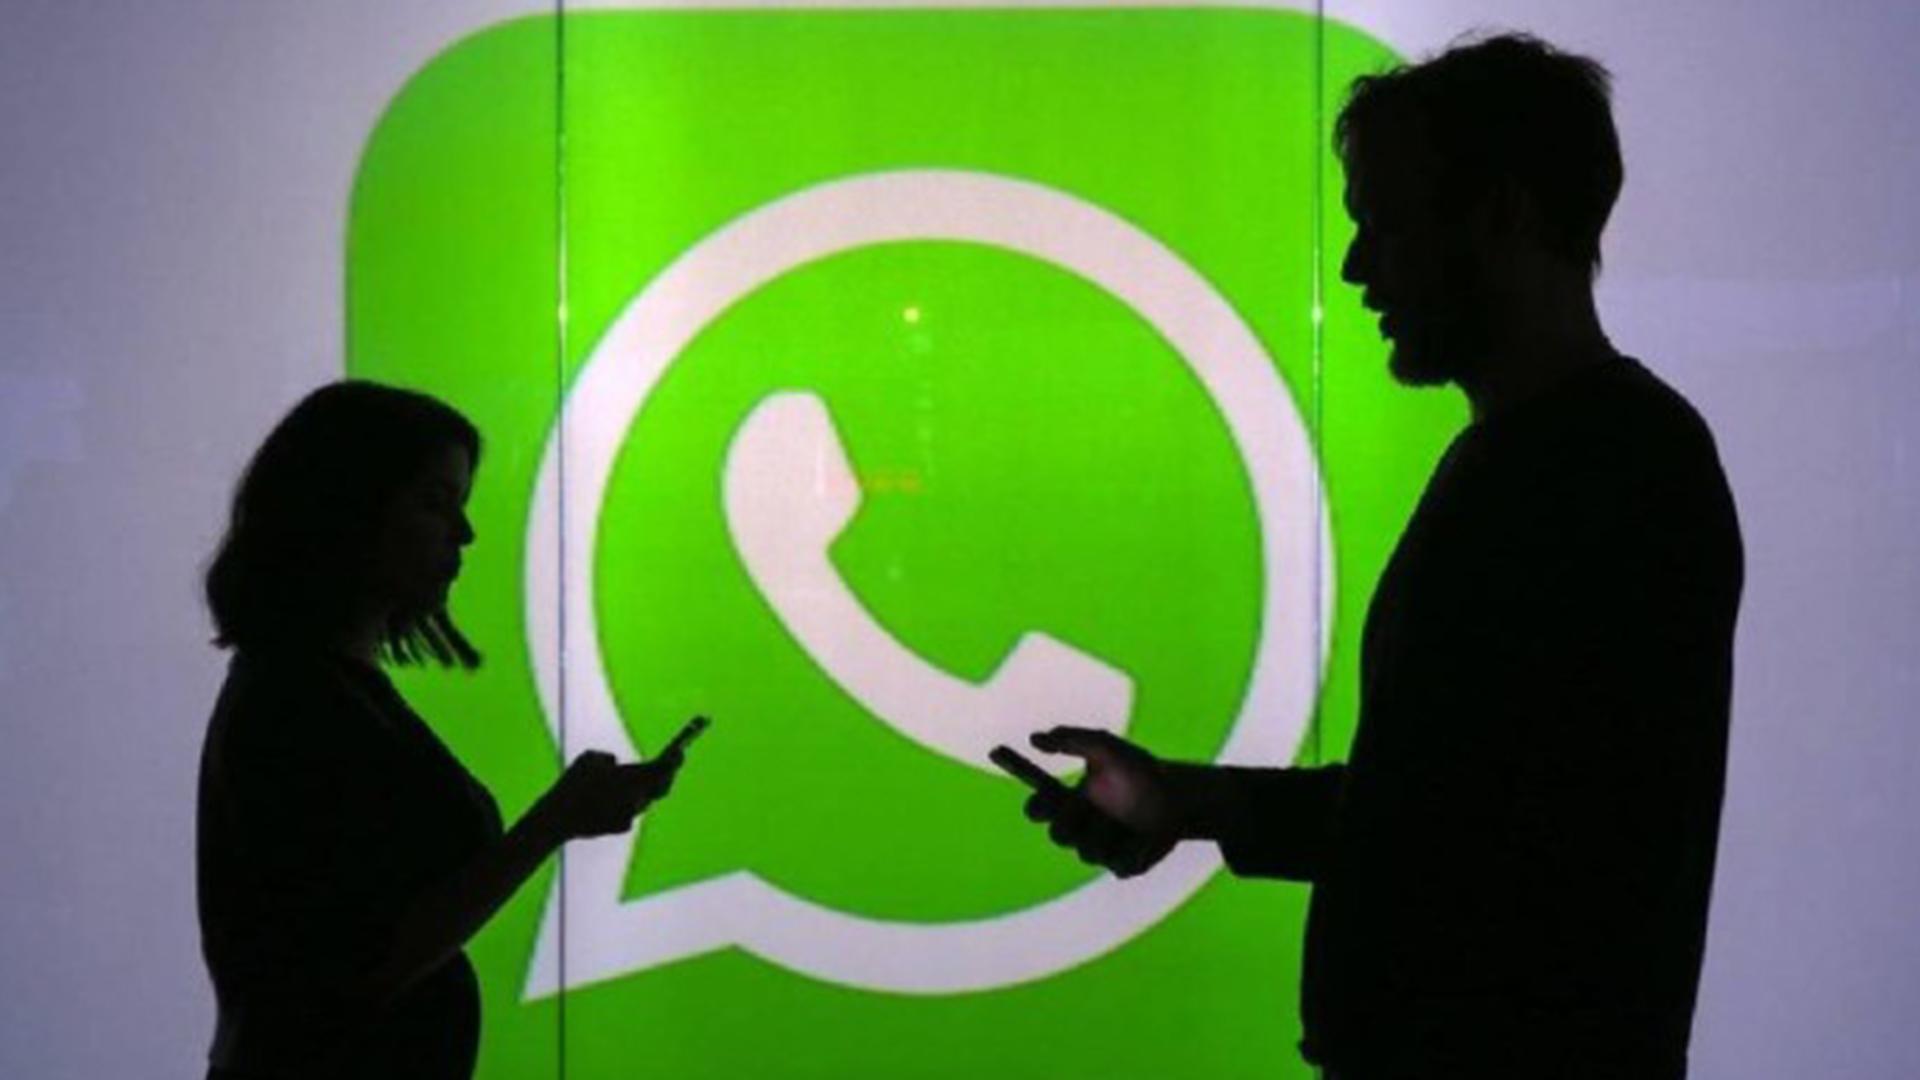 WhatsApp pode em breve deixar você enviar e receber dinheiro através de seu aplicativo, entenda: